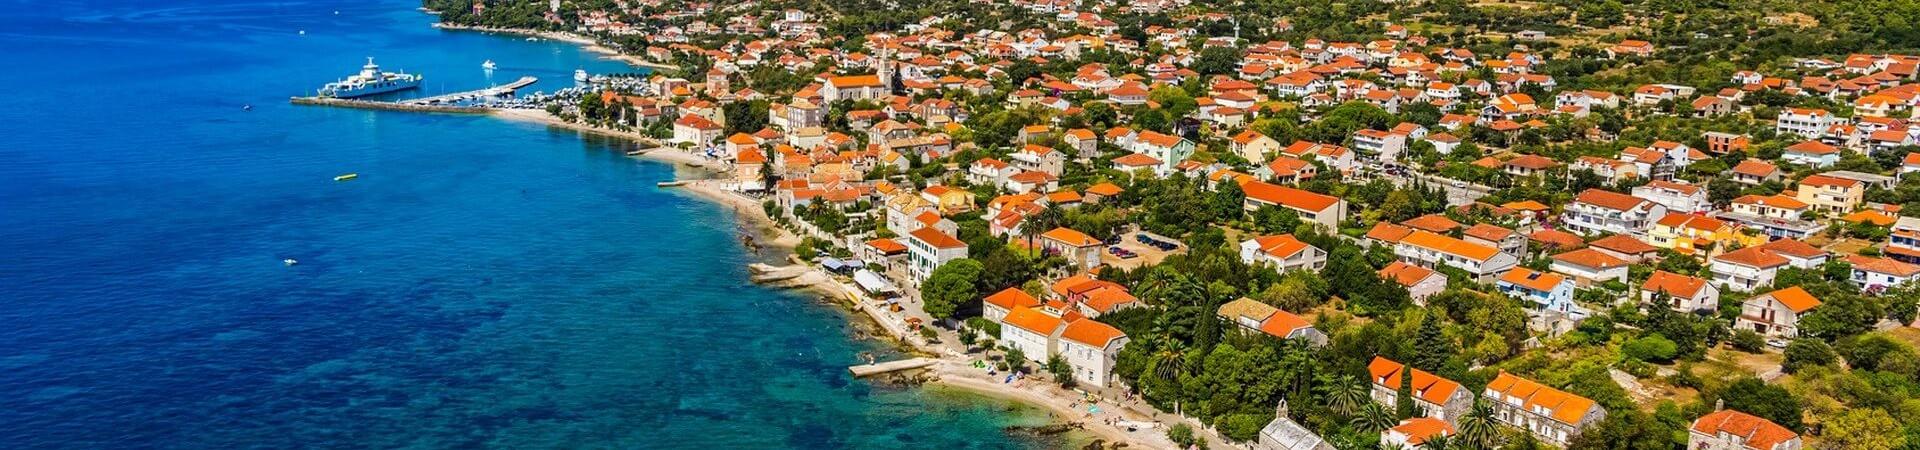 Widok na Orebic w Chorwacji